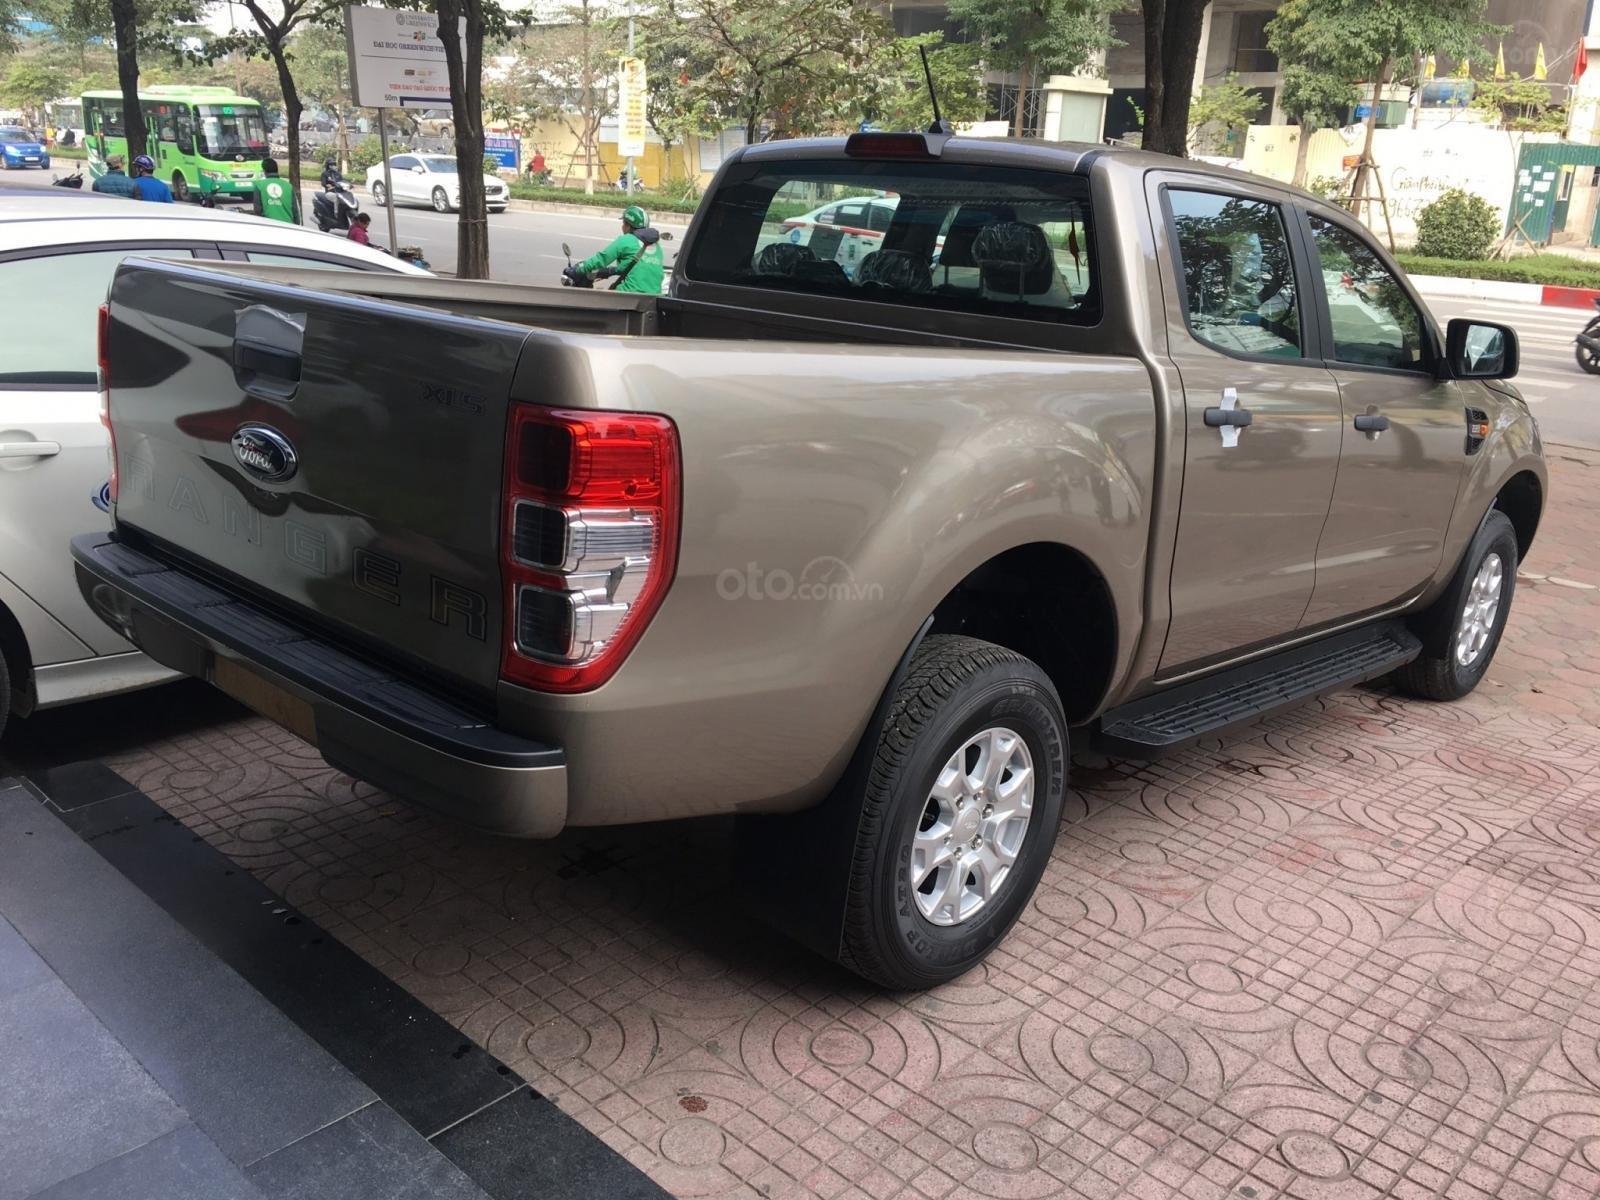 Ford Ranger XLS nhiều ưu đãi nhất VBB, giảm tiền mặt, tặng BHTV, và vô cùng nhiều quà tặng hấp dẫn (4)